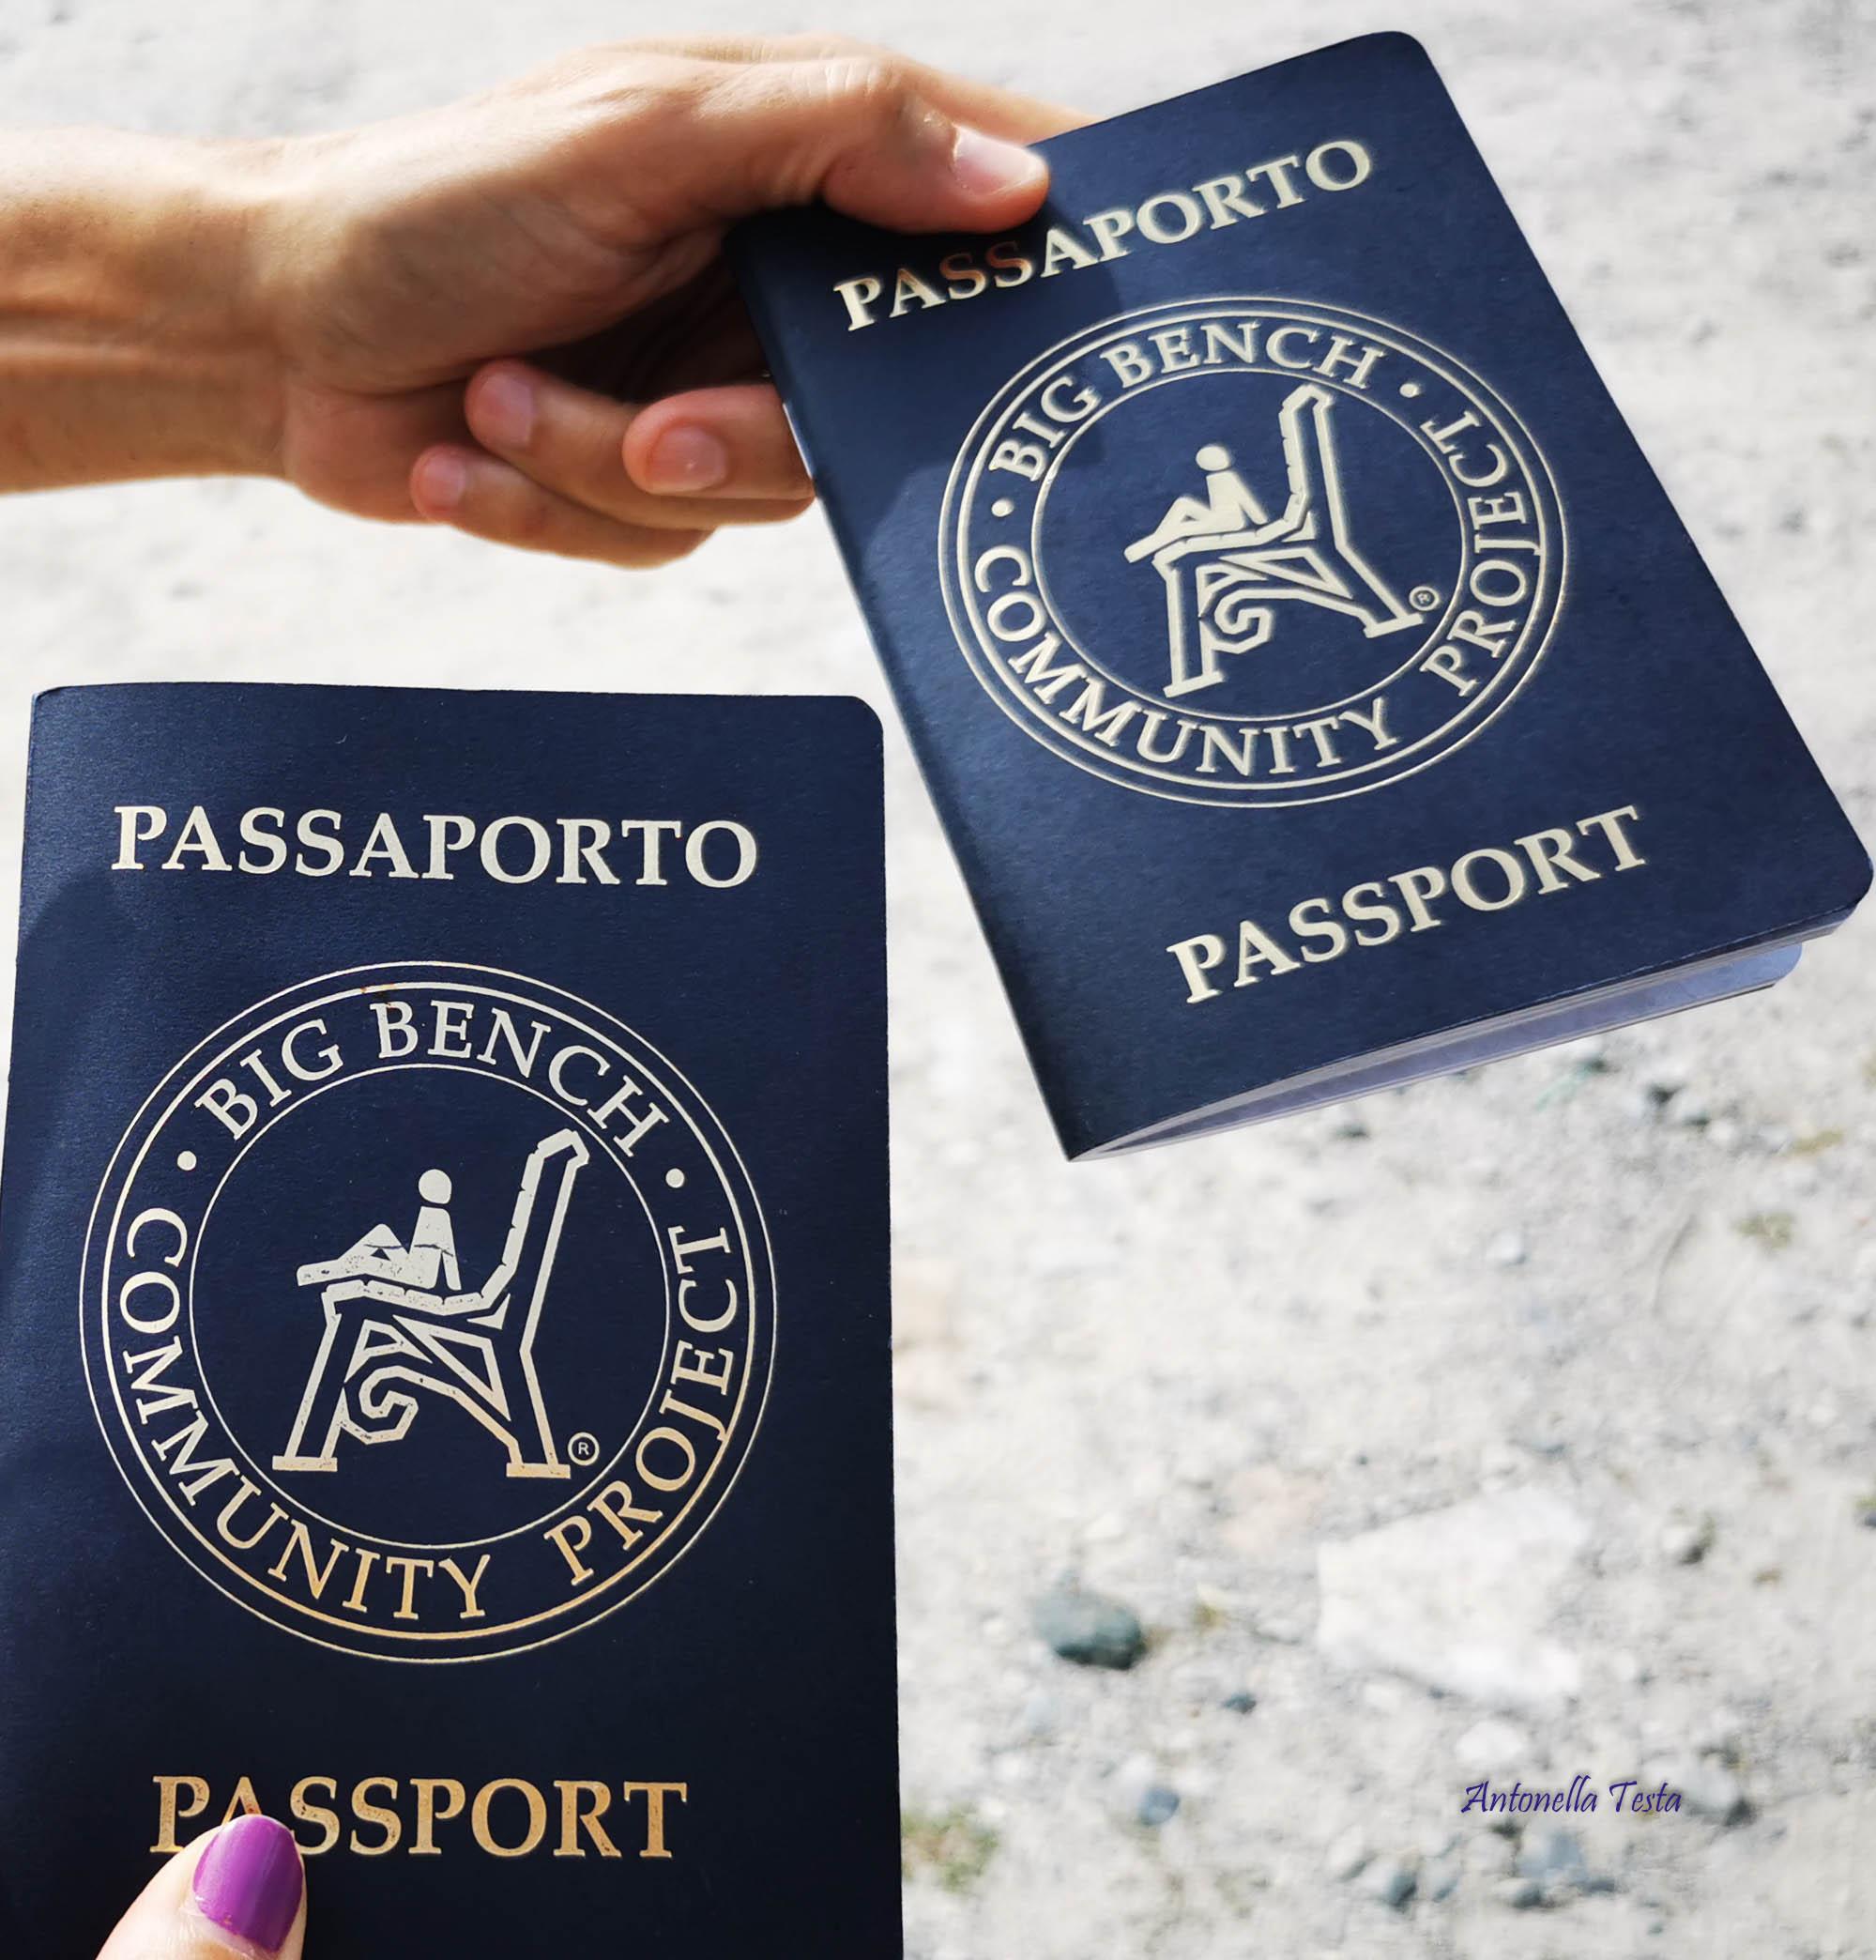 I nostri passaporti per collezionare i timbri delle Big Bench visitatejpg